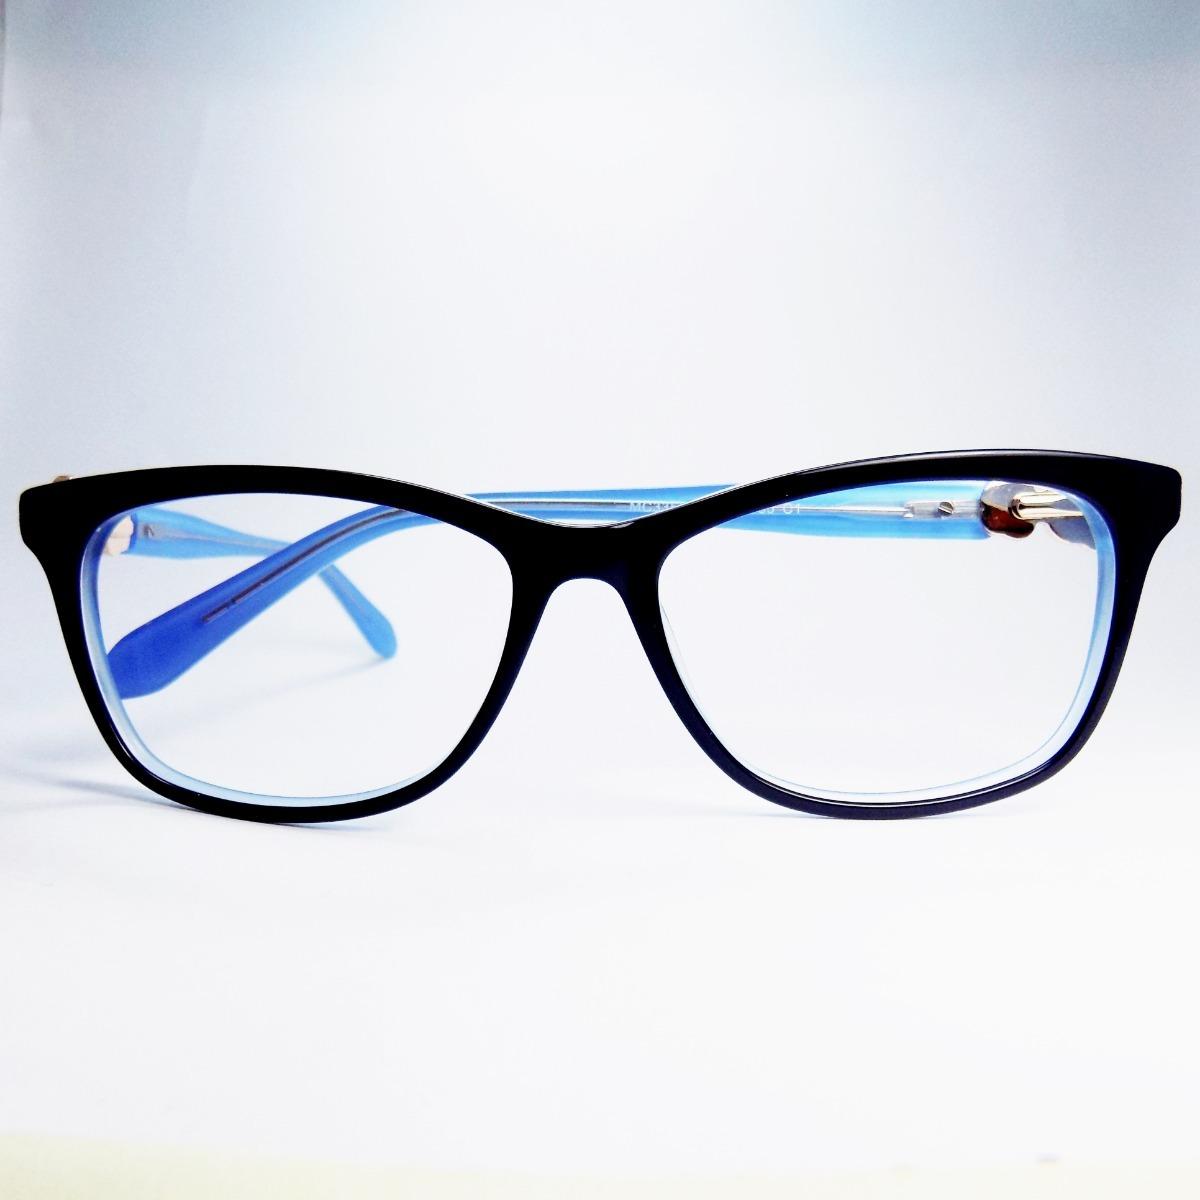 cfc1d0bb2 óculos de grau feminino acetado azul escuro mc133 c1original. Carregando  zoom.